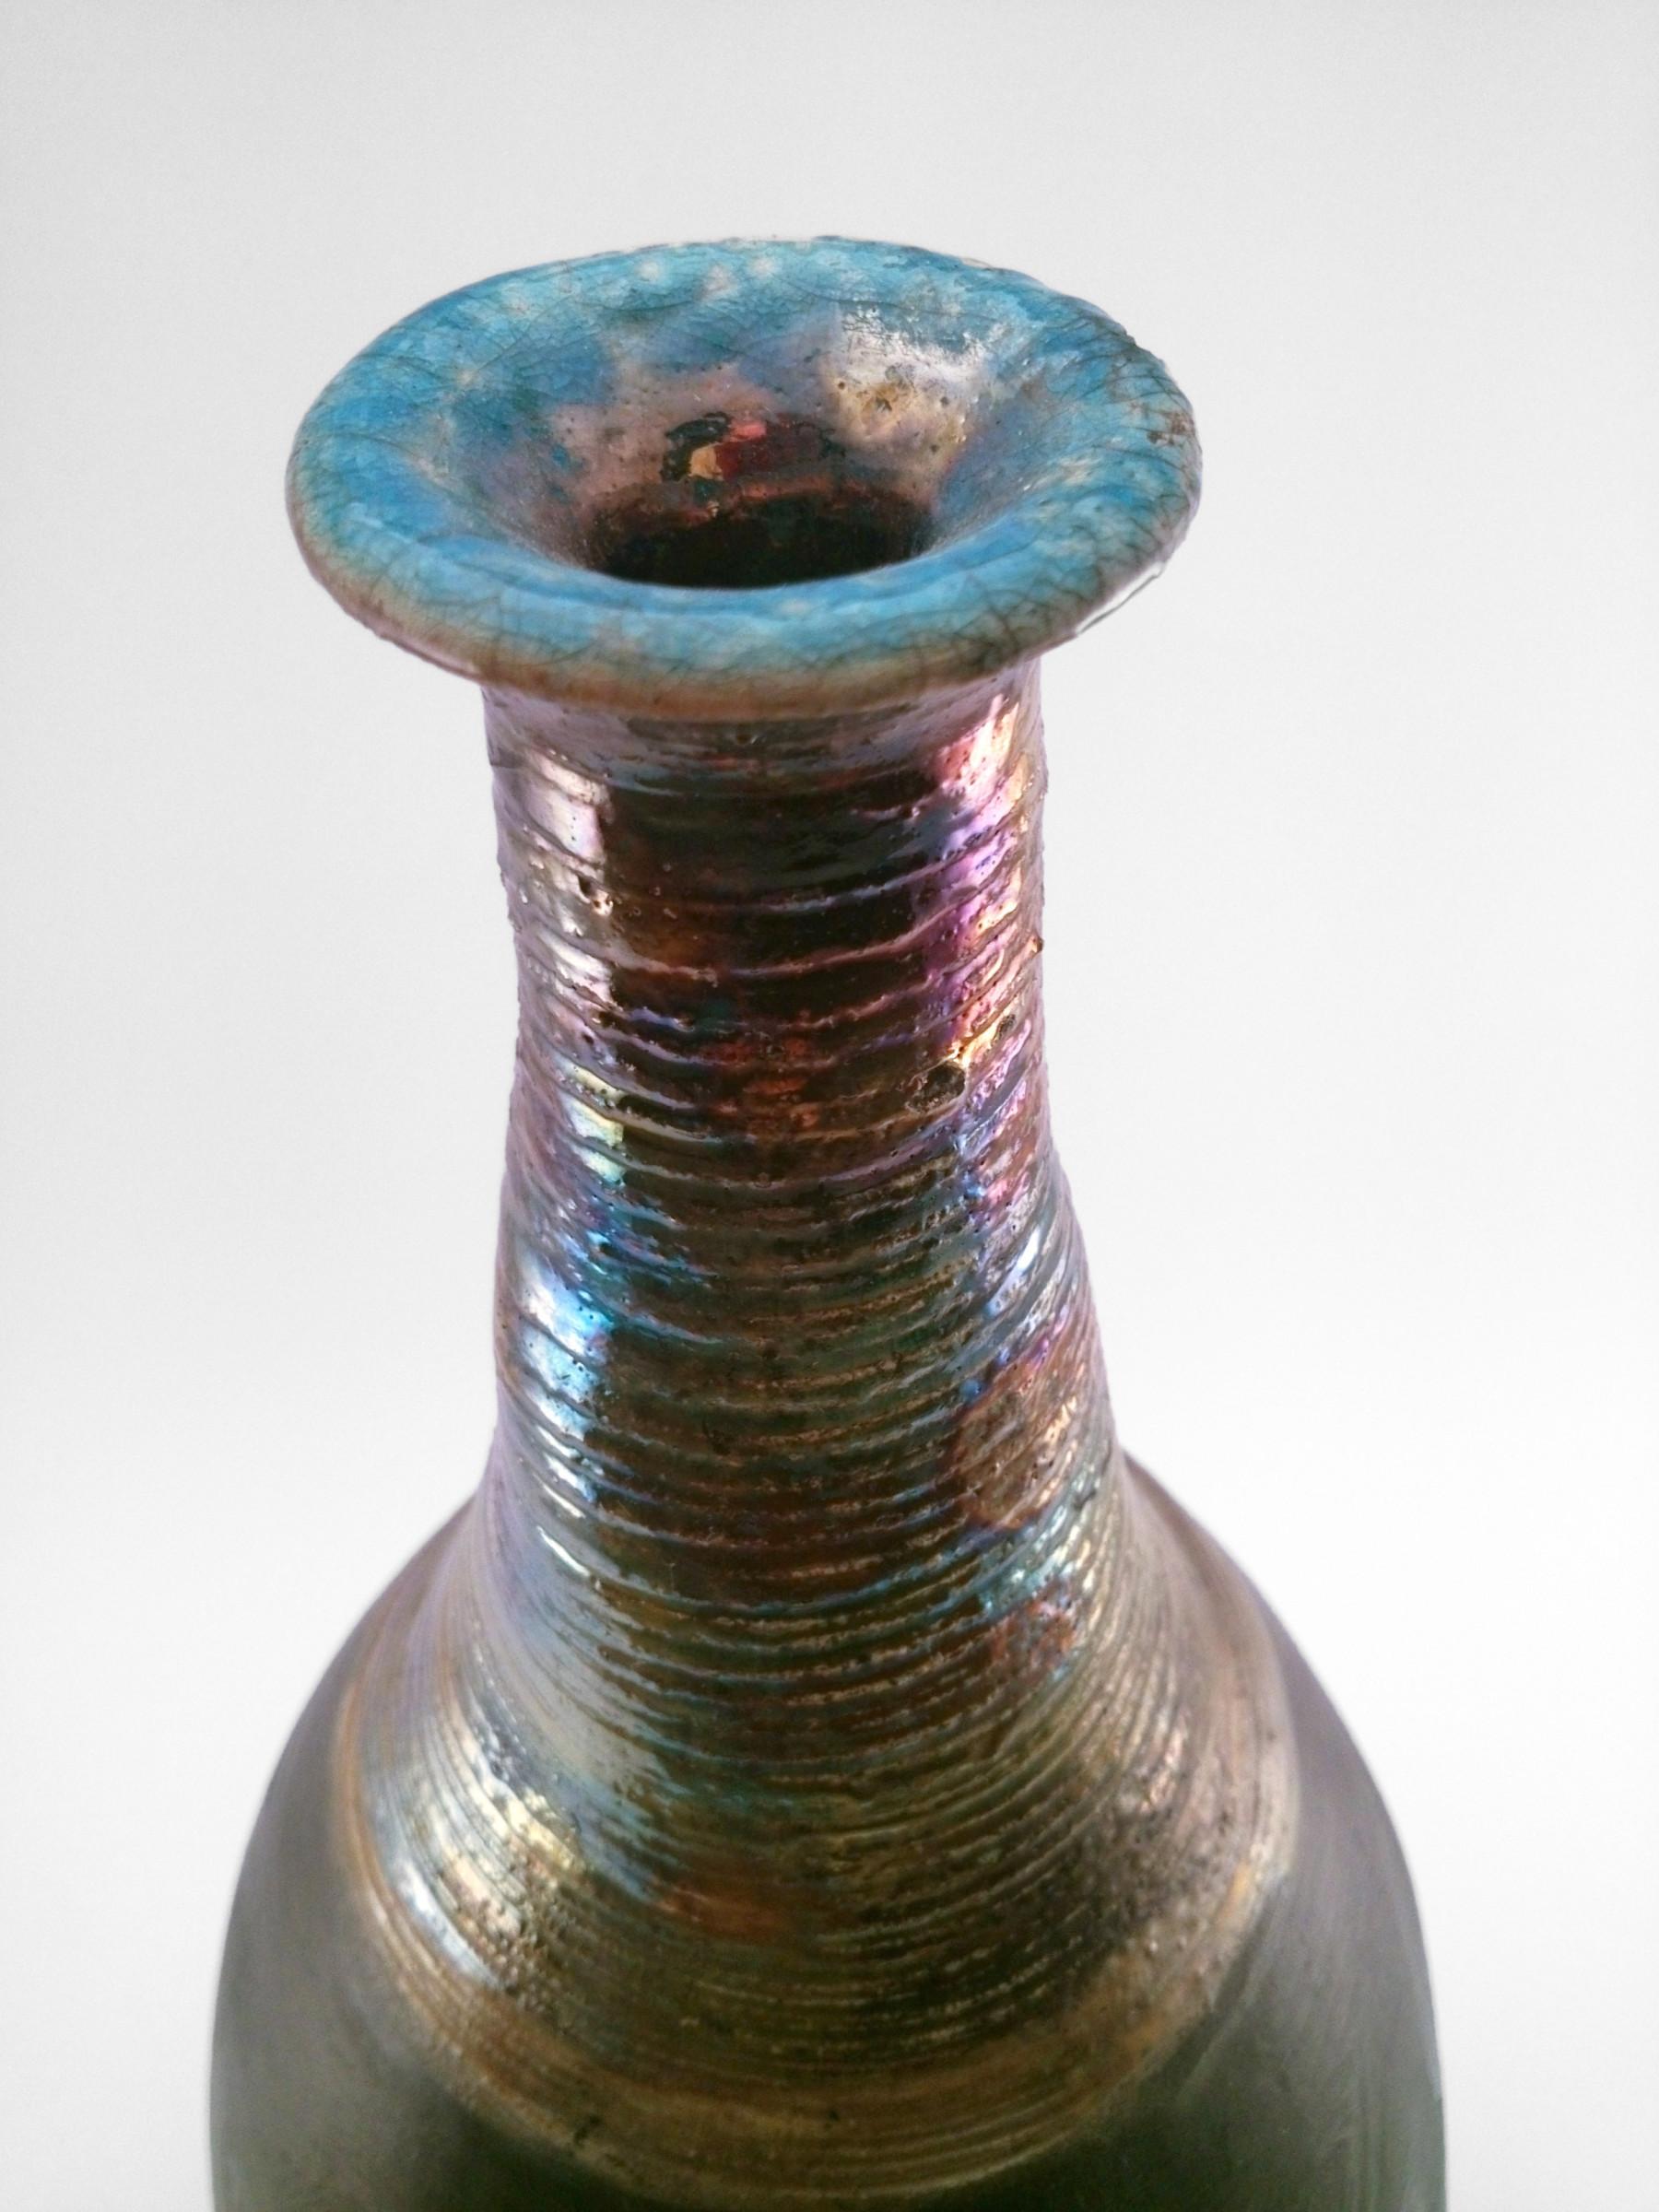 Rainbow Bottle - Ildikó Károlyi